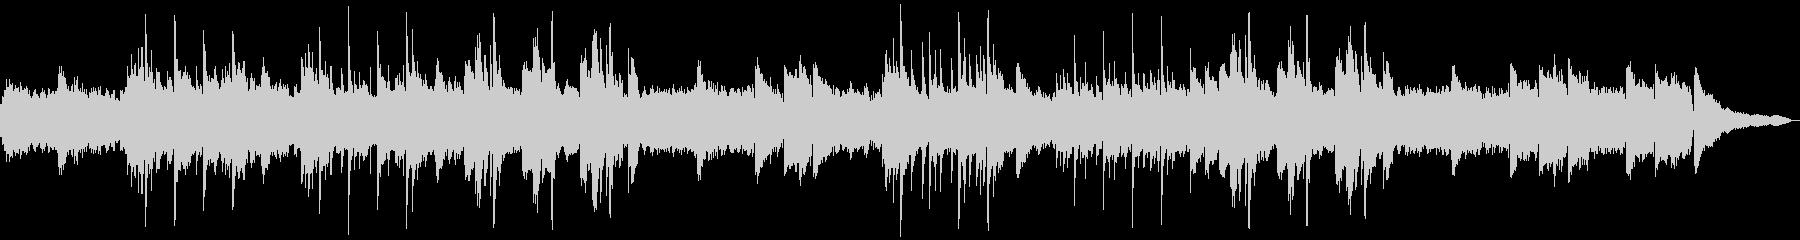 前向きなイメージのソロピアノの未再生の波形